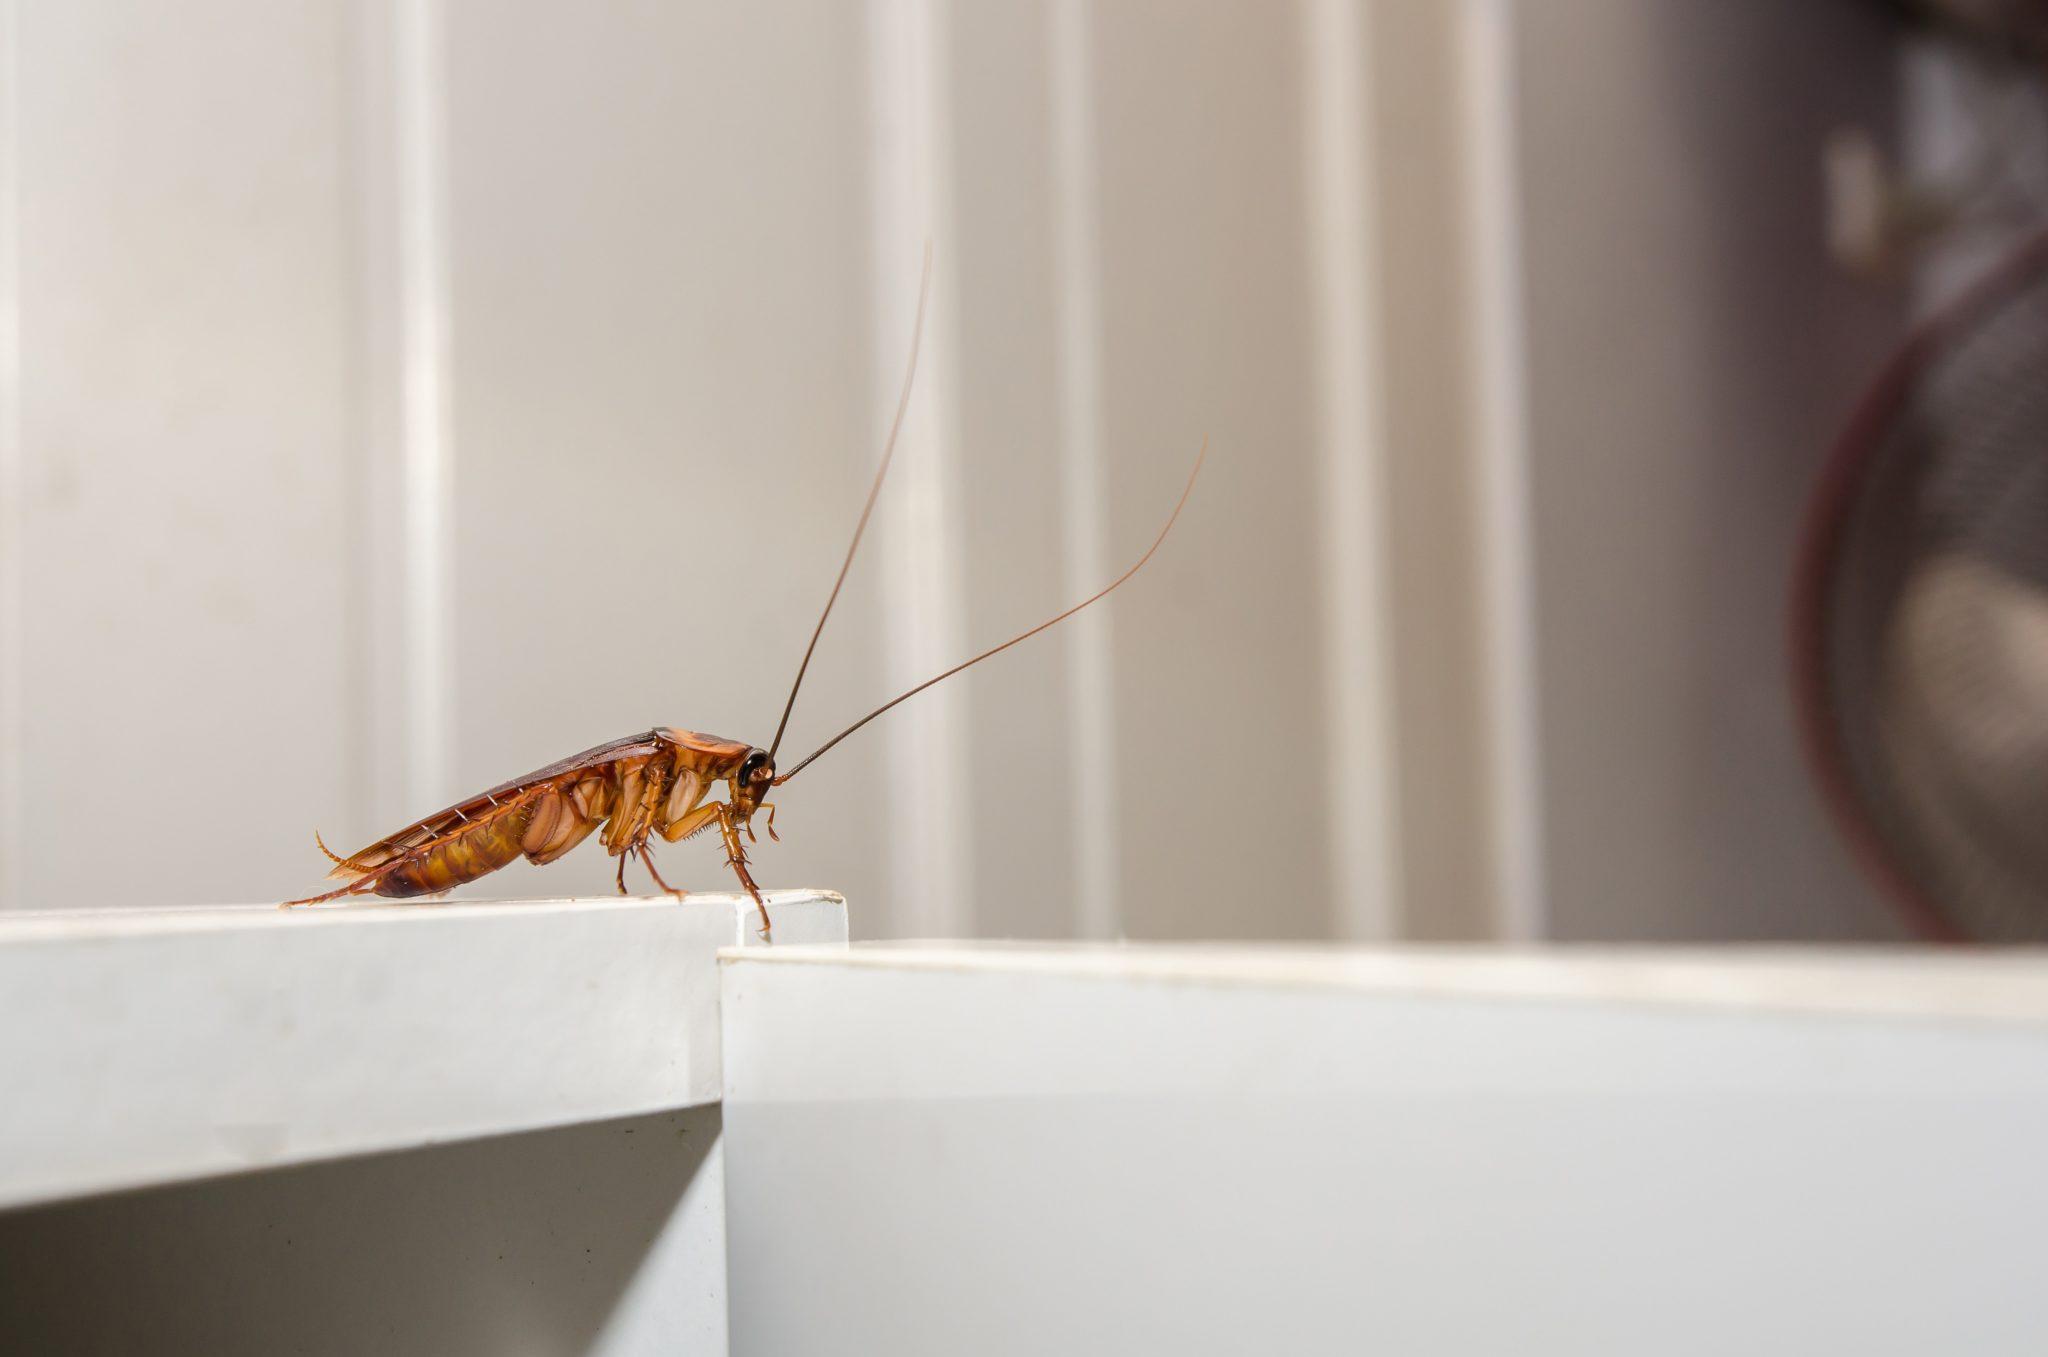 Gigantic Cockroach